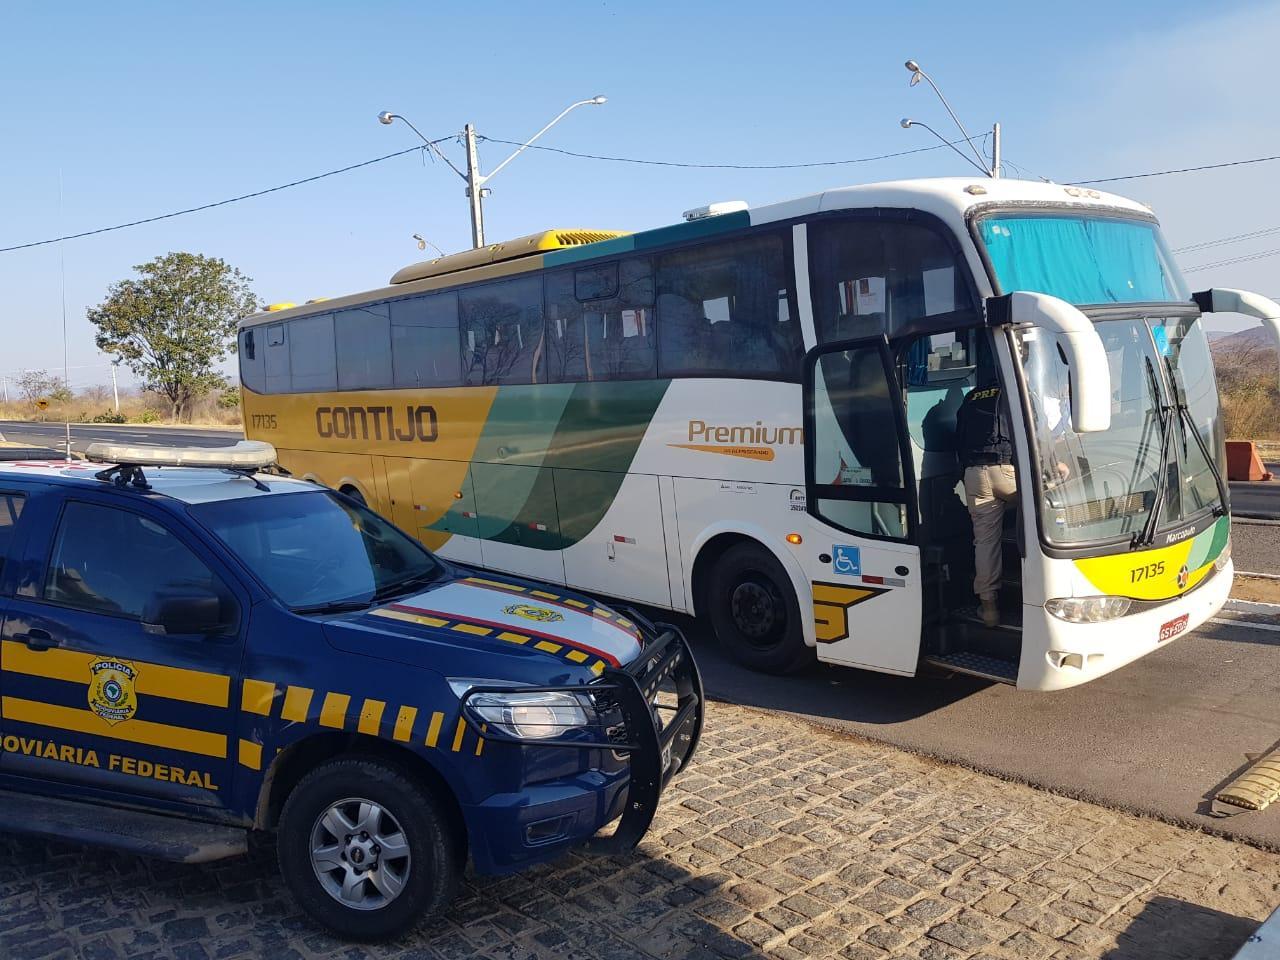 apreensao de cocaina em cajazeiras PRF - PRF apreende mais de 2 kg de cocaína em ônibus, no interior da Paraíba